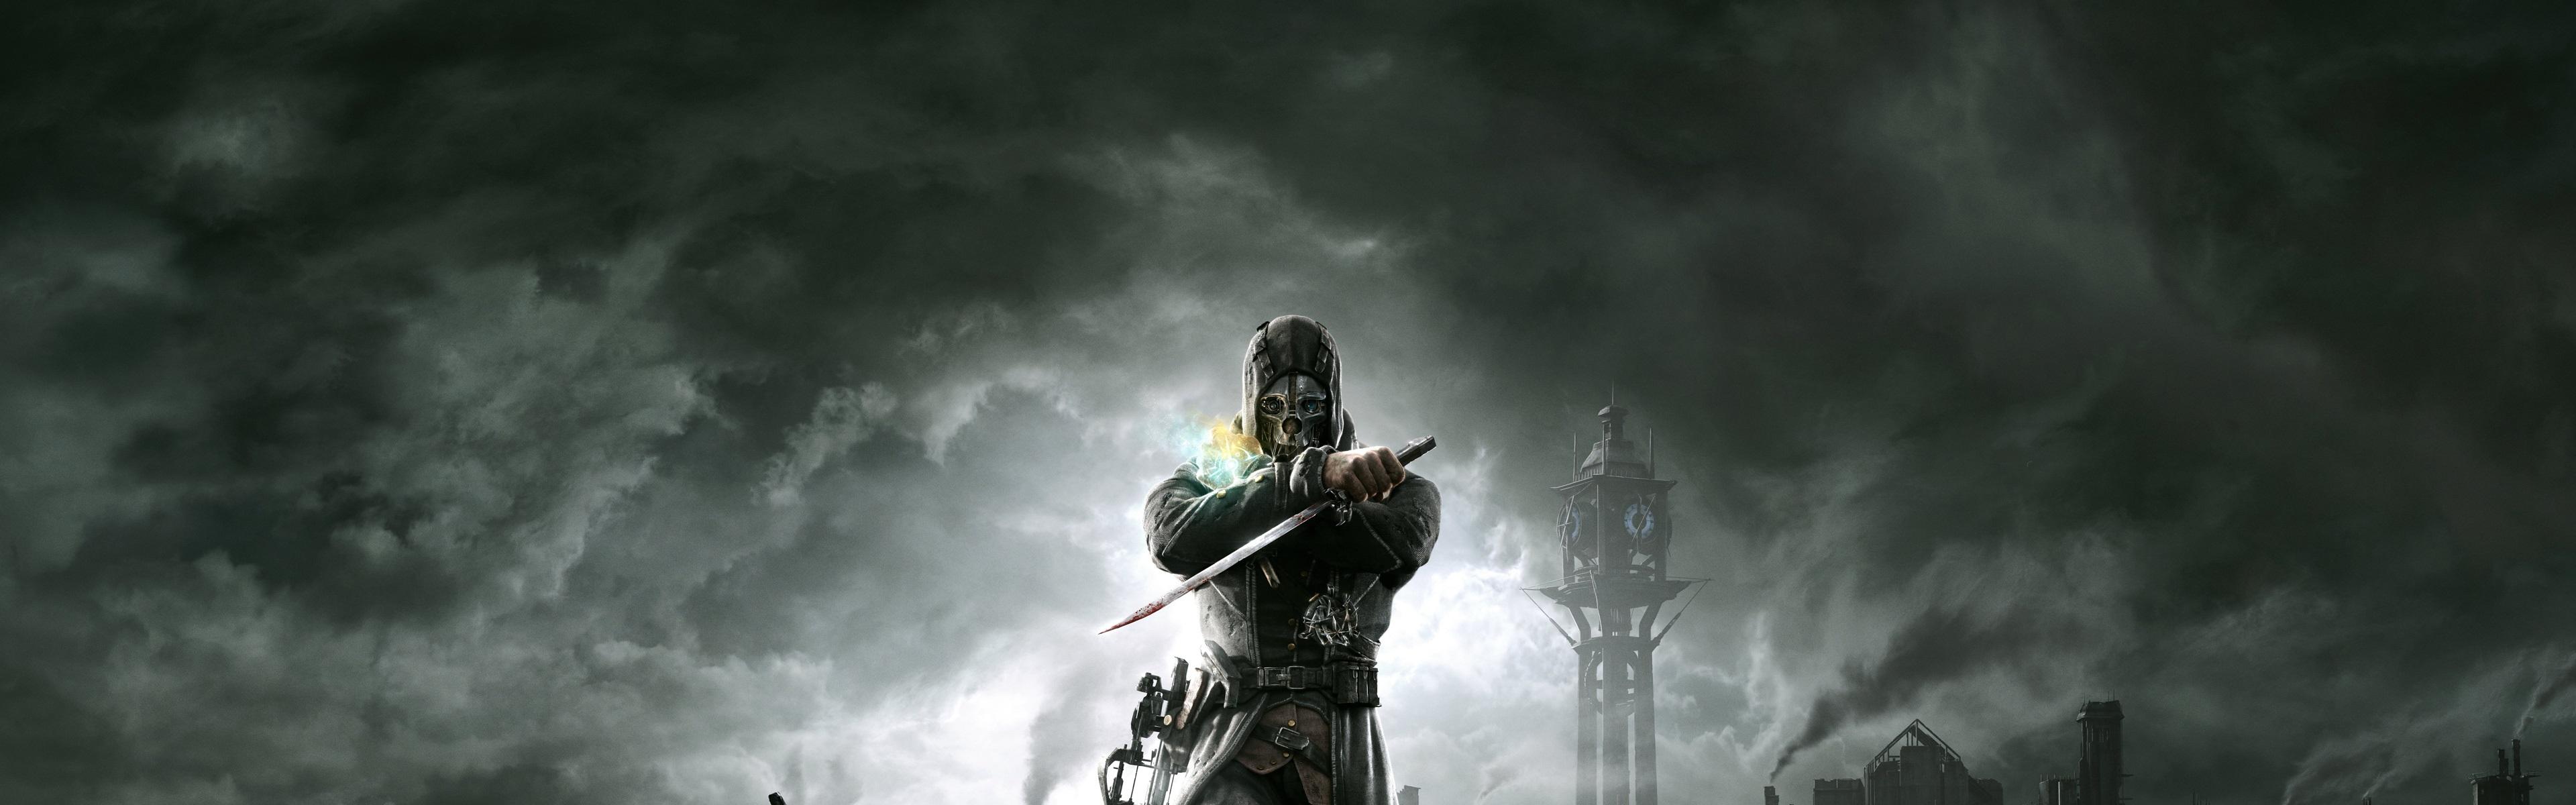 Ps4 Games Rated E : Papéis de parede dishonored jogos para pc uhd